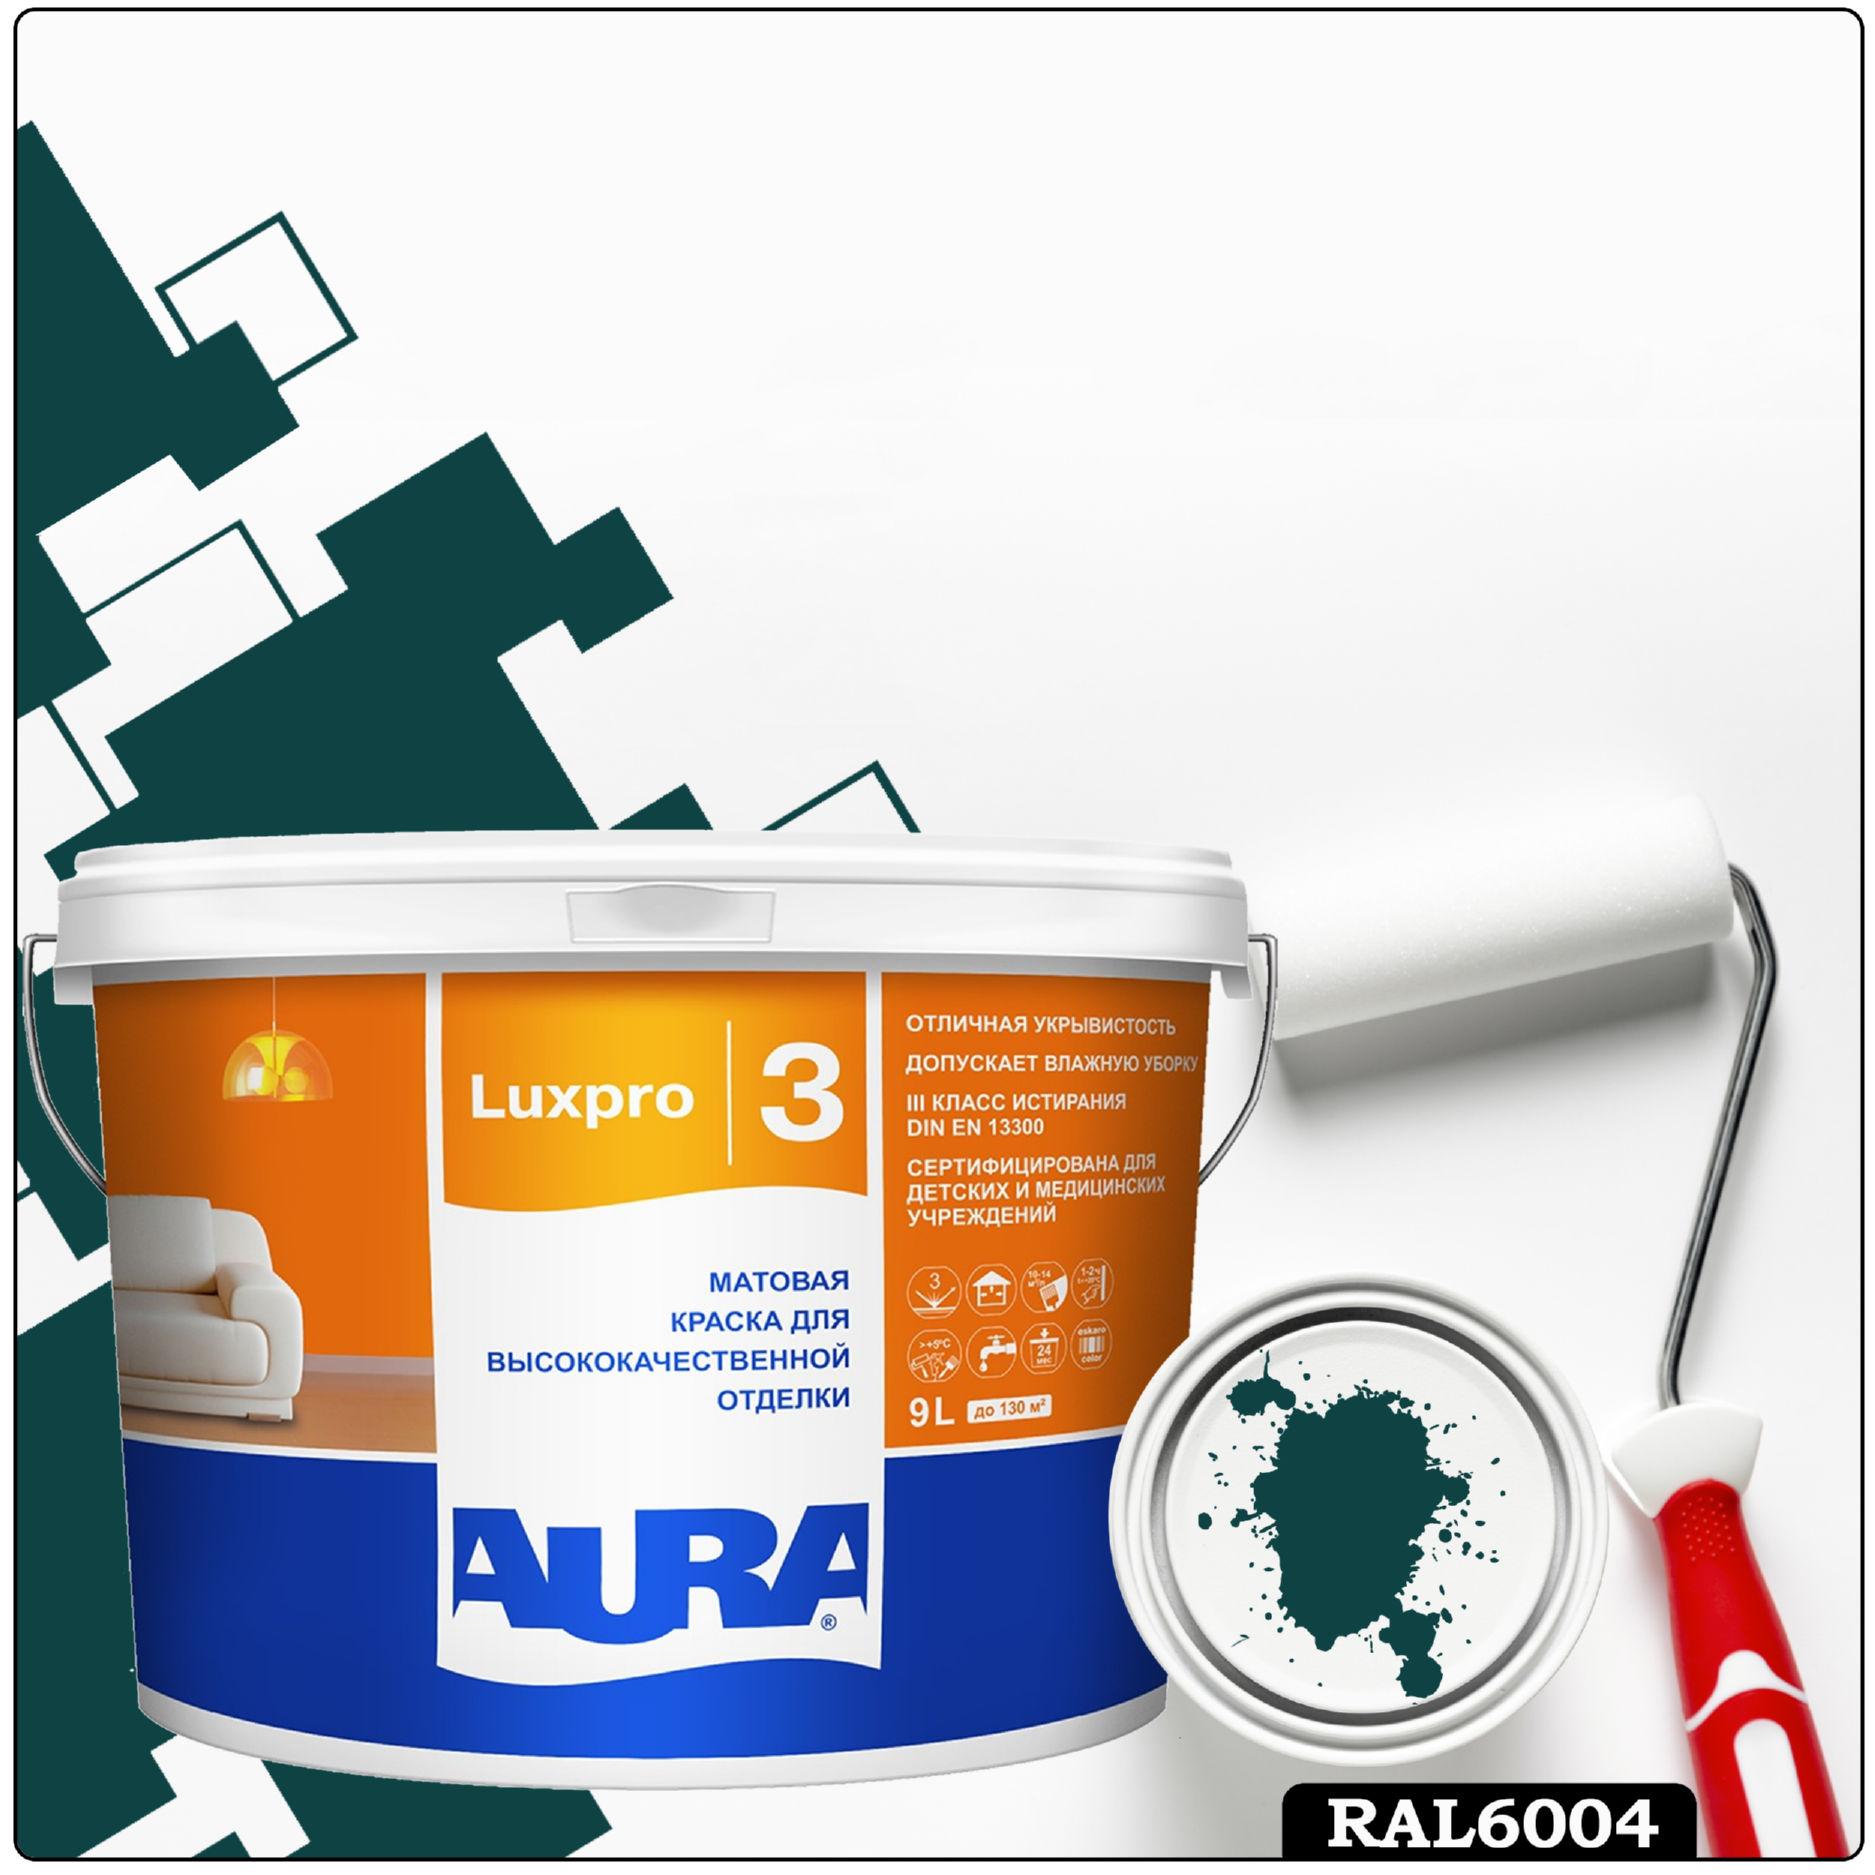 Фото 2 - Краска Aura LuxPRO 3, RAL 6004 Сине-зеленый, латексная, шелково-матовая, интерьерная, 9л, Аура.